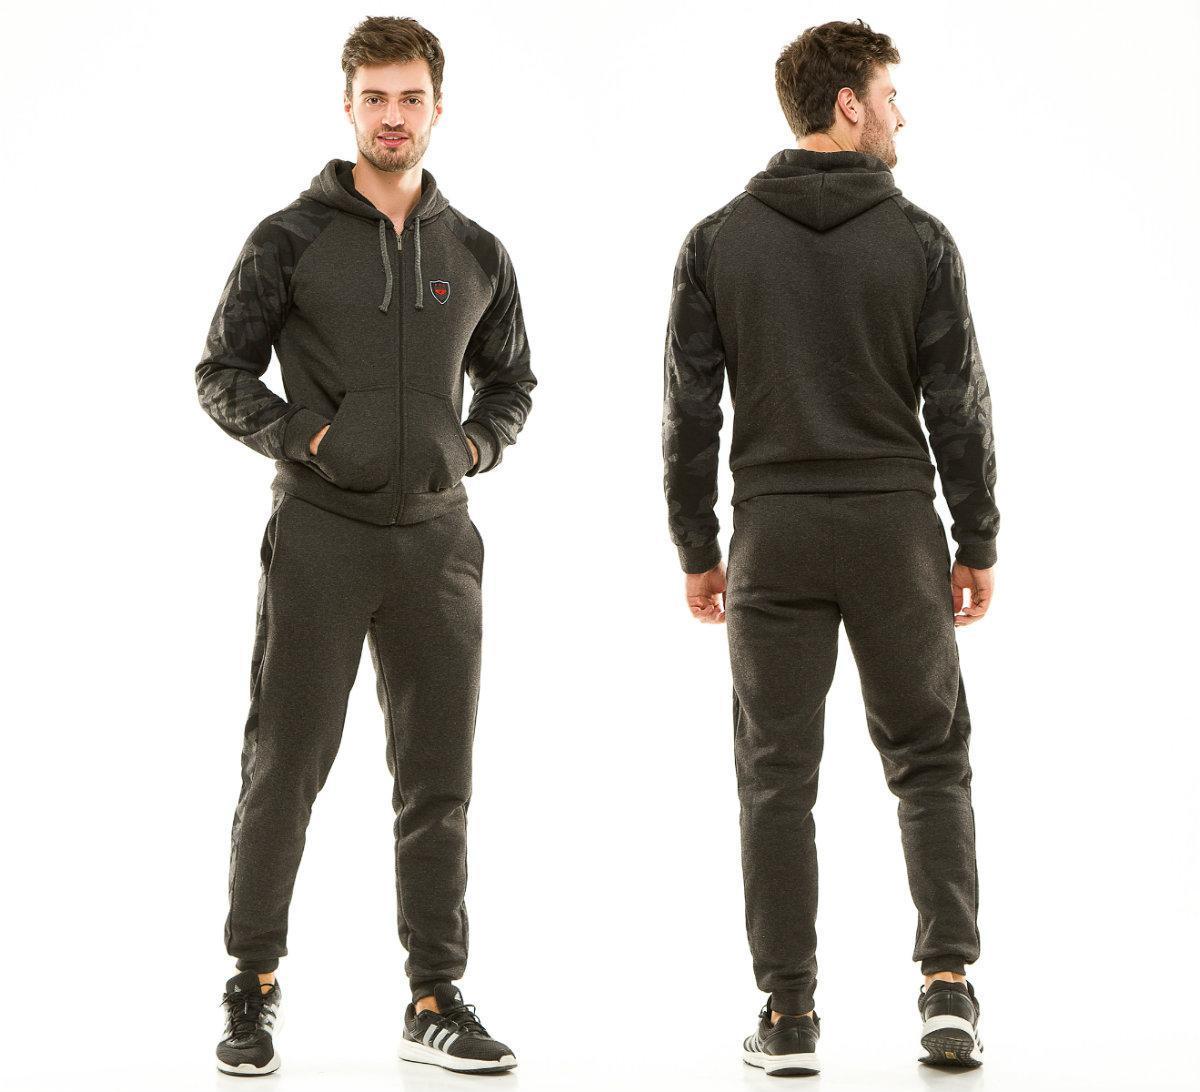 Теплый мужской спортивный костюм с начесом с капюшоном: штаны и кофта со вставками милитари камуфляж принт